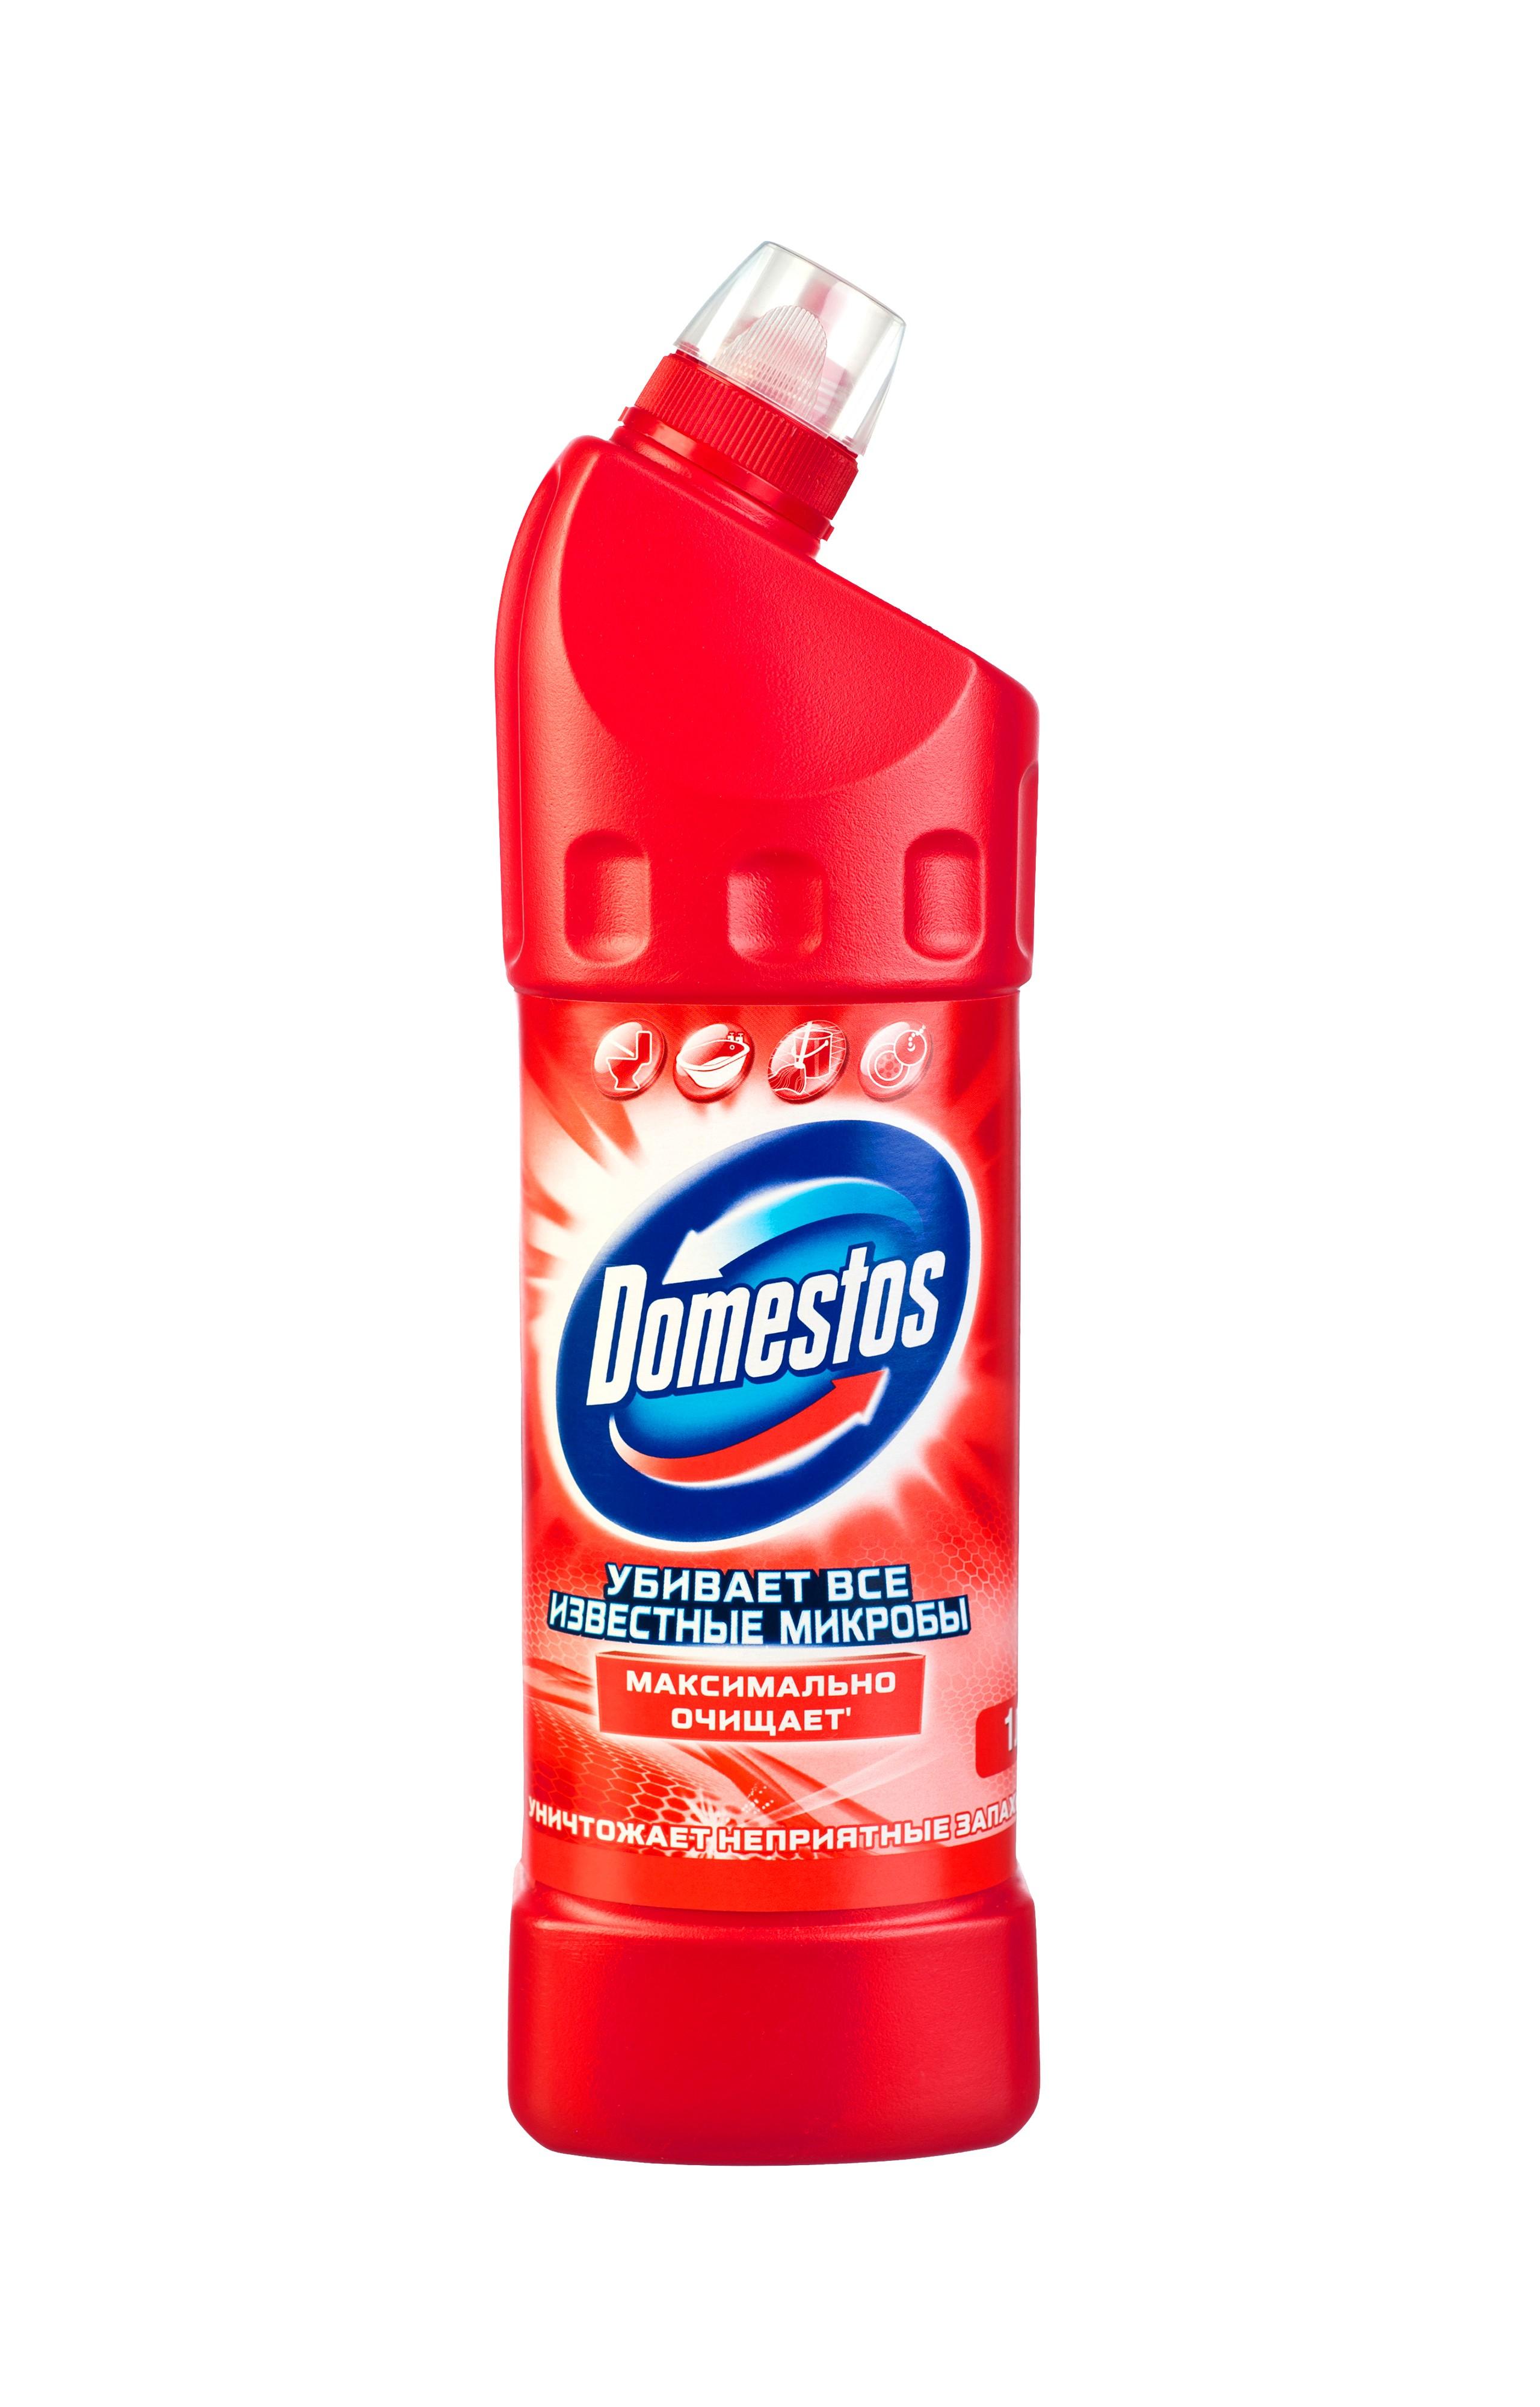 Domestos Чистящее средство Двойная сила, универсальное, фруктовая свежесть, 1 л673672Универсальное чистящее средство Domestos Двойная сила. Фруктовая свежесть подходит для уборки раковин и ванн, кафеля, пола, унитаза, сливов и водостоков на кухне и в ванной. Чистит до блеска, дезинфицирует и отбеливает. Domestos не только очищает поверхности, но и помогает бороться со всеми известными микробами - в том числе, вызывающими опасные заболевания, обеспечивая свежий аромат. Густой, многофункциональный, экономичный и невероятно эффективный. Среди средств для туалетов Domestos - бесспорный лидер, благодаря густой формуле и удобной форме бутылки.Нельзя забывать, что гигиена важна не только в туалете, но и в ванной. Влага и тепло - идеальные условия для размножения бактерий, грибка, плесени. Регулярное использование небольшого количества Domestos на мокрой тряпке или губке в ванной убирает мыльной осадок, темные пятна, дезинфицирует поверхности. Domestos безопасен. При надлежащем использовании Domestos абсолютно безвреден как для людей, так и для окружающей среды: содержащееся в нем активное дезинфицирующее вещество сразу после применения распадается на безопасные компоненты. Состав: менее 5%: гипохлорит натрия, анионные ПАВ, неионогенные ПАВ, мыло, отдушка.Товар сертифицирован.